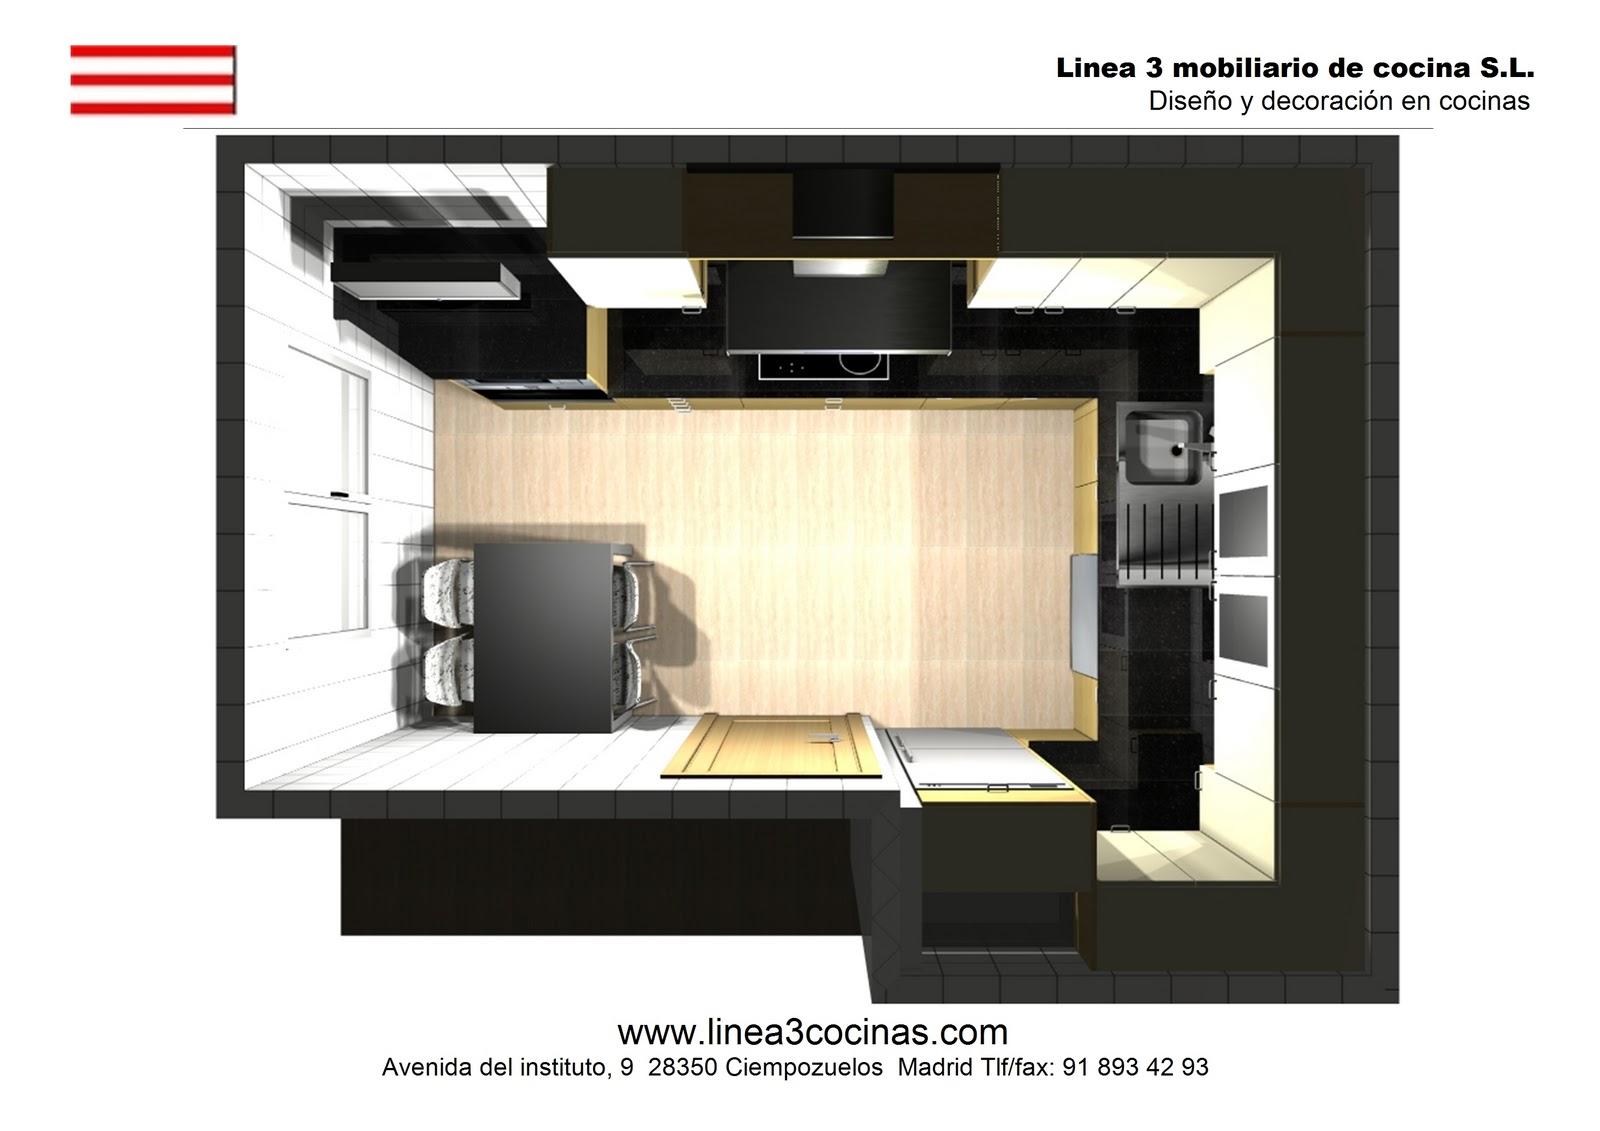 Dise o y decoraci n de cocinas febrero 2011 for Muebles de cocina 3 metros